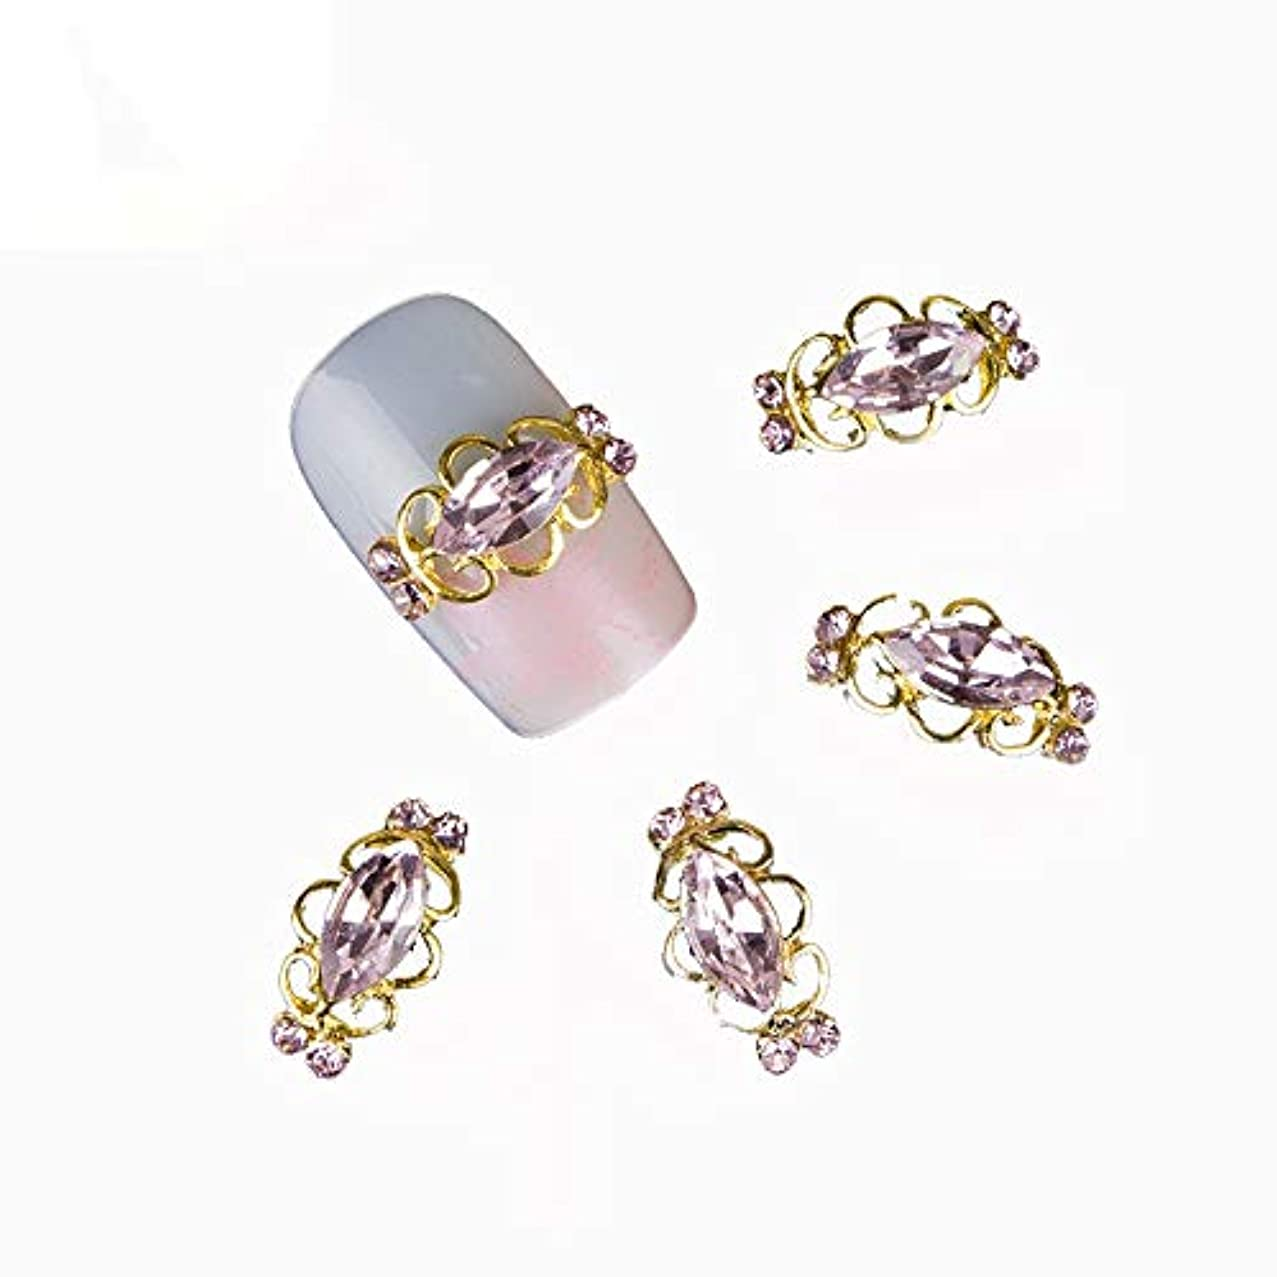 クランプ天才議会10個入り/ロット3Dネイルラインストーンの装飾紫色の宝石DIYネイル合金ジュエリーネイルアートネイルスタッドツールのヒント